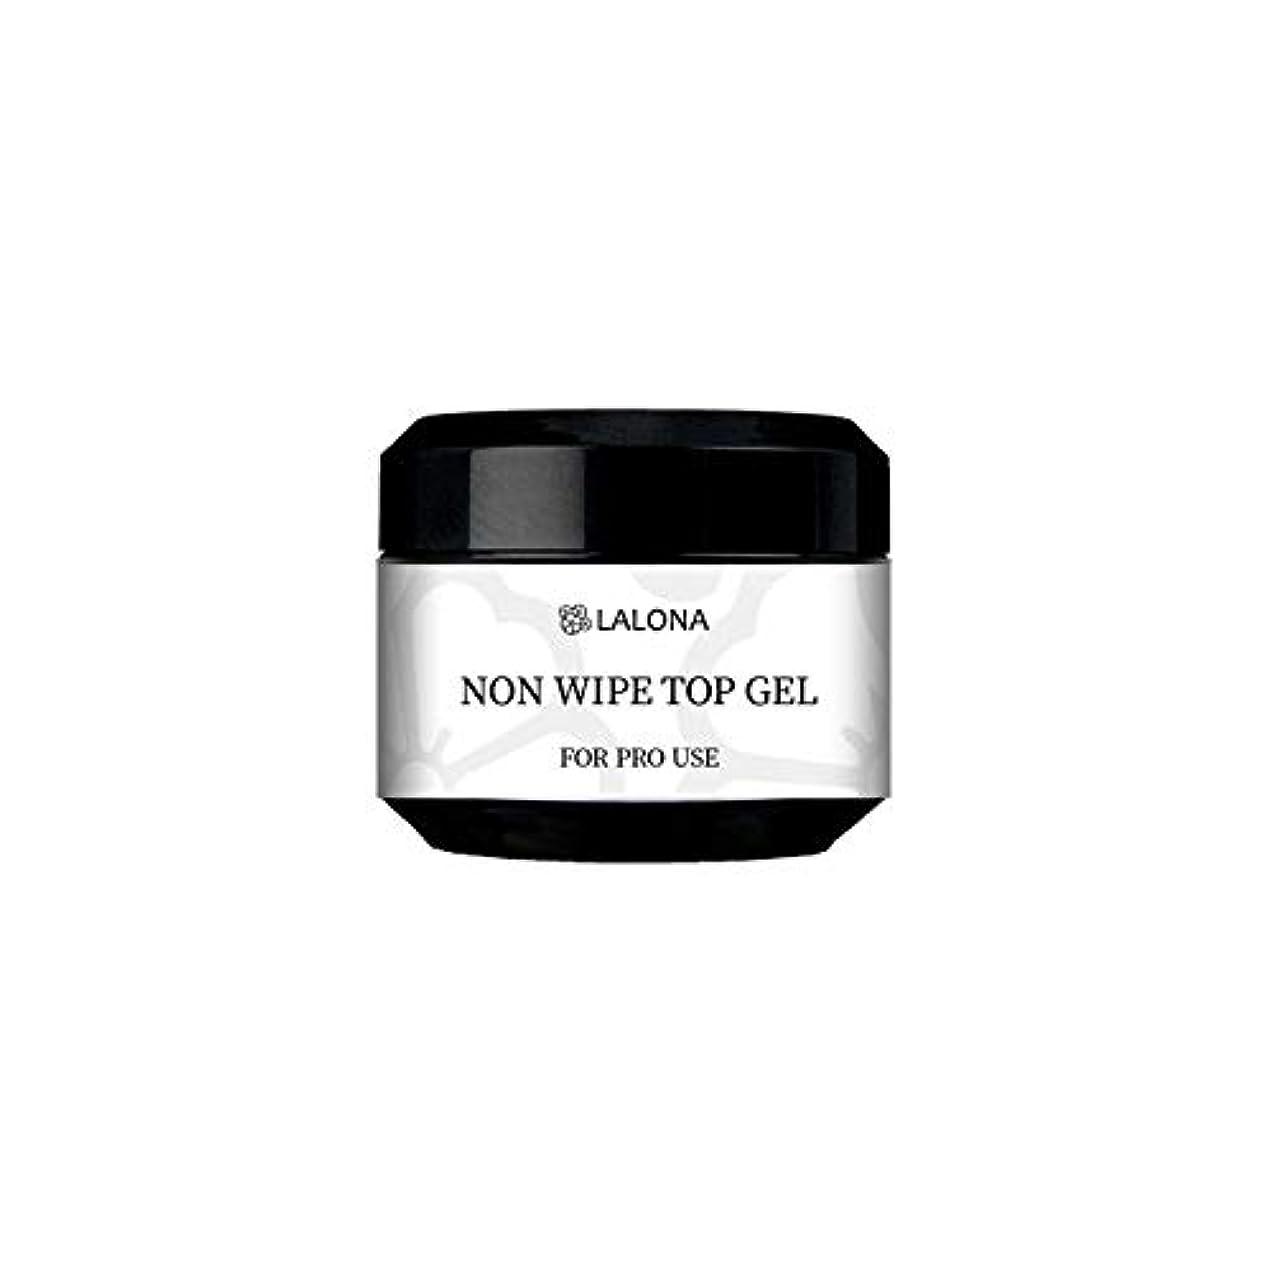 表面的な金銭的な会社LALONA [ ラローナ ] ノンワイプトップジェル (30g) 化粧品登録 ジェルネイル セミハード トップコート 拭き取り不要 ソークオフ レジン